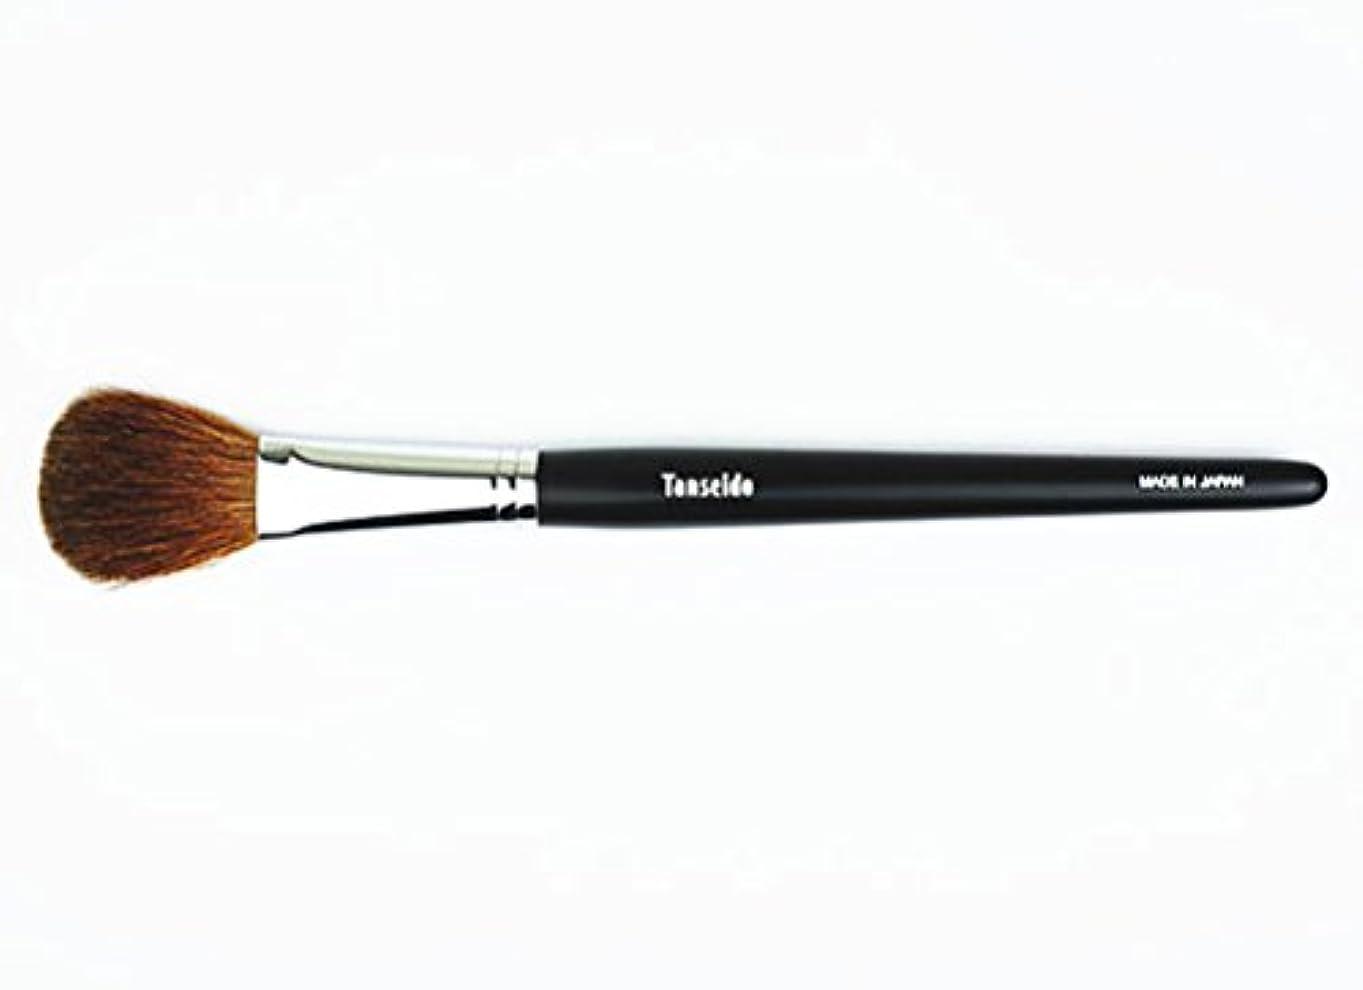 精度戸惑う技術的な熊野筆 丹精堂 チークブラシ YAQ 17 黒